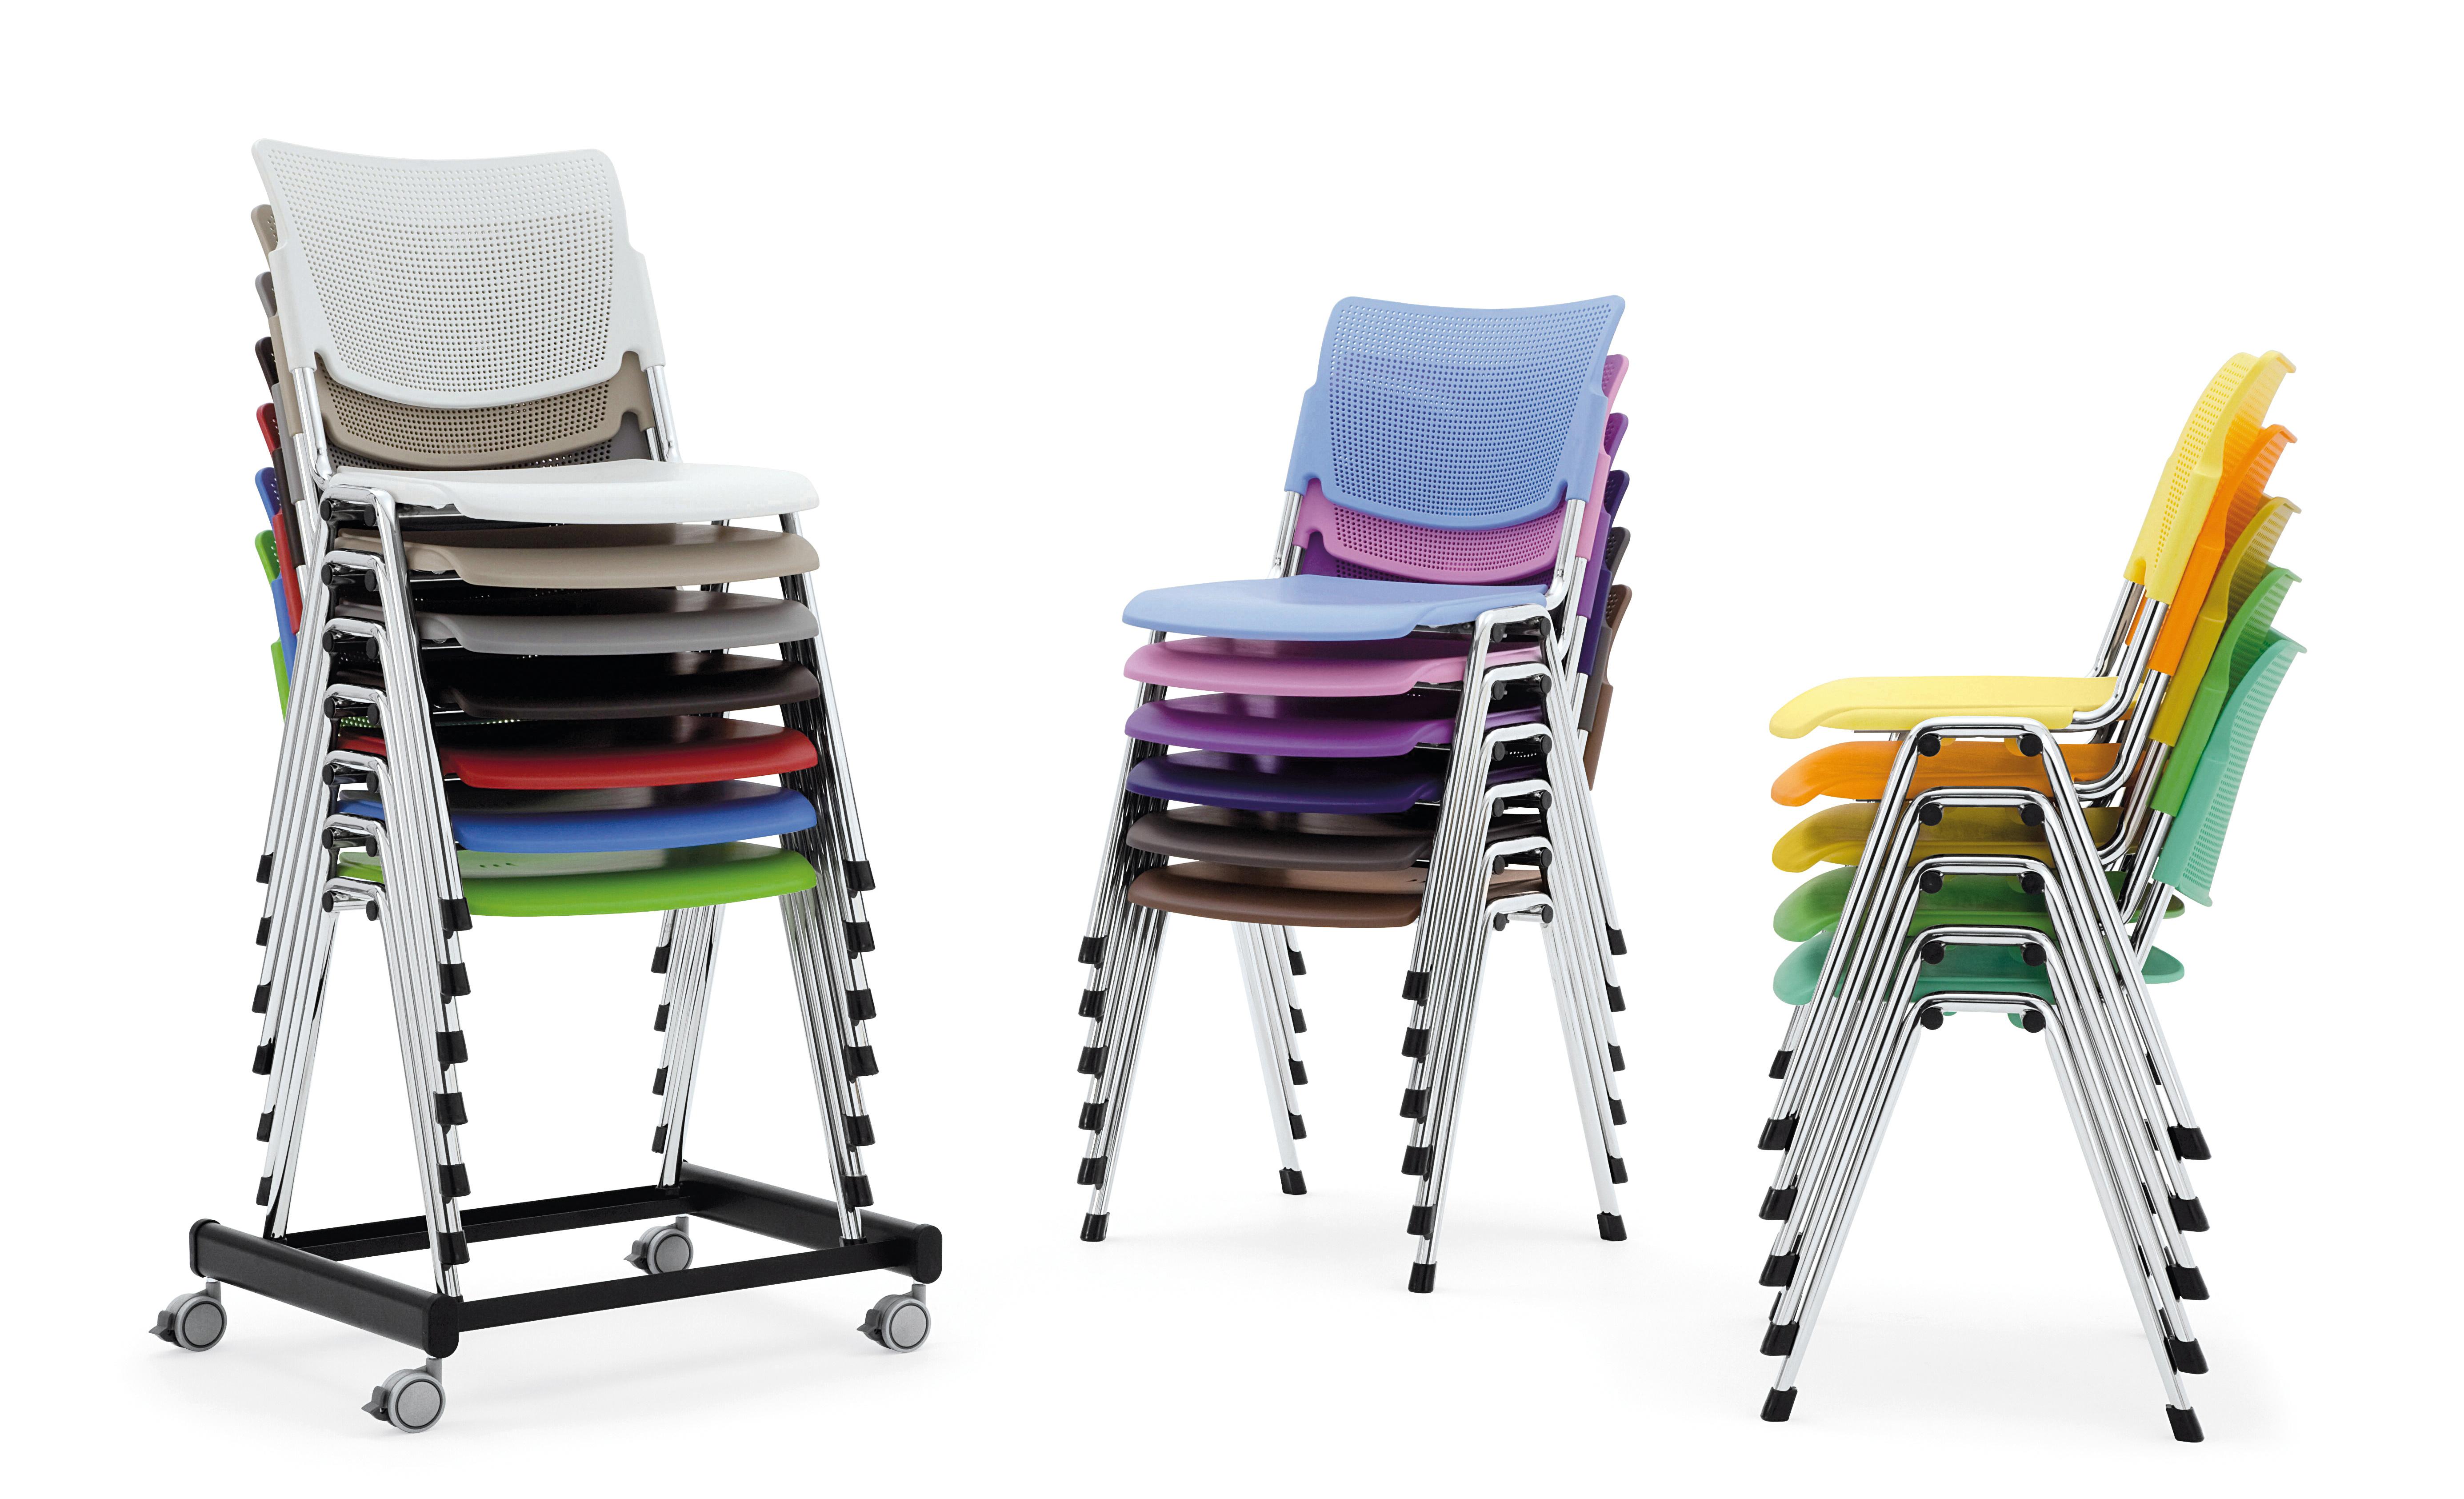 La Mia Plastic sedia colours